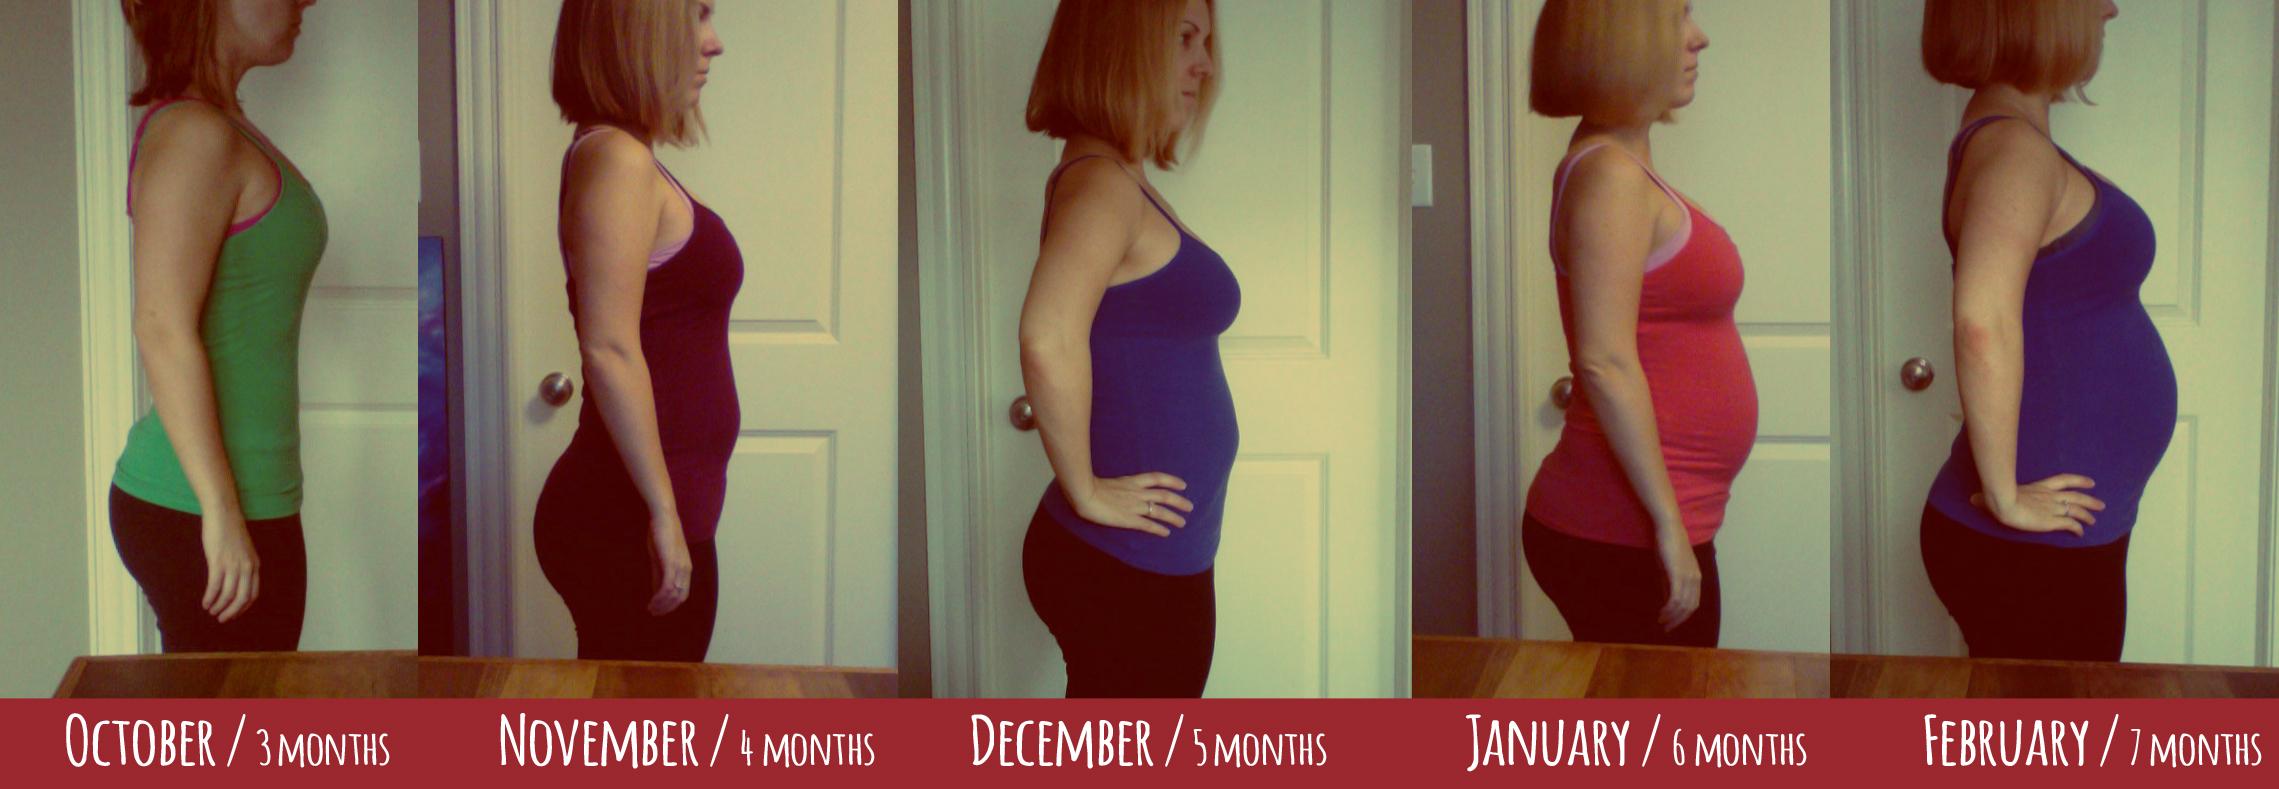 Pregnant Progression